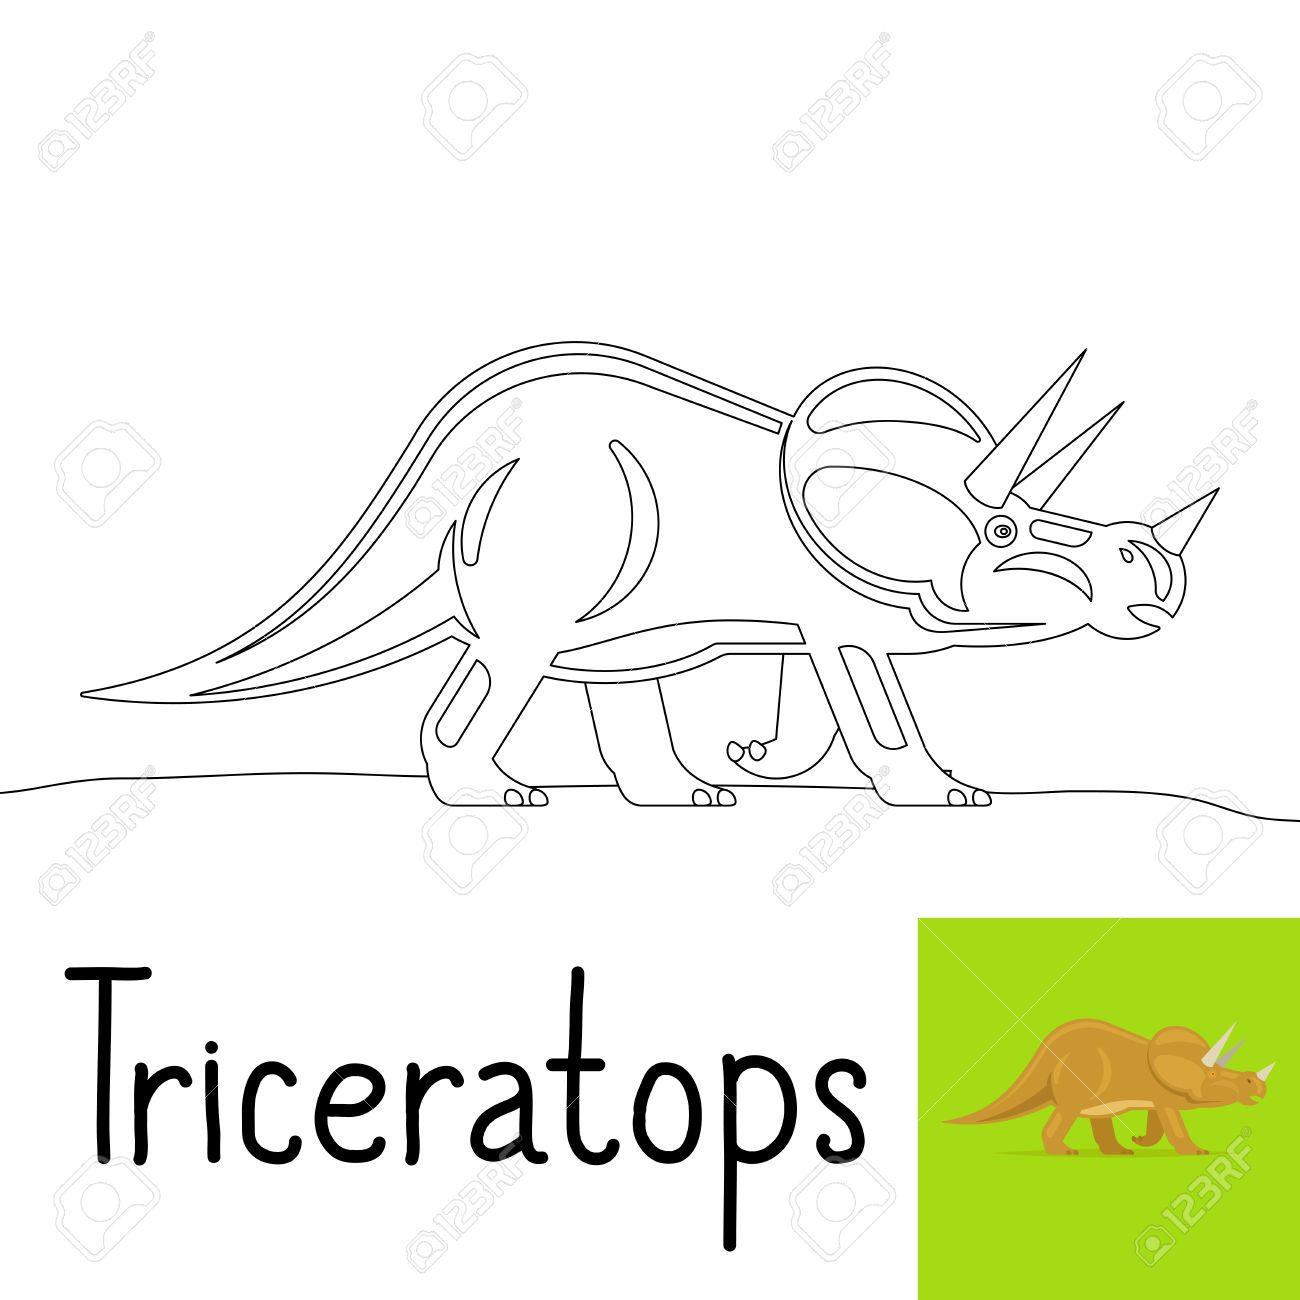 Dibujo Para Colorear Para Los Niños Con Triceratops Dinosaurio Y ...